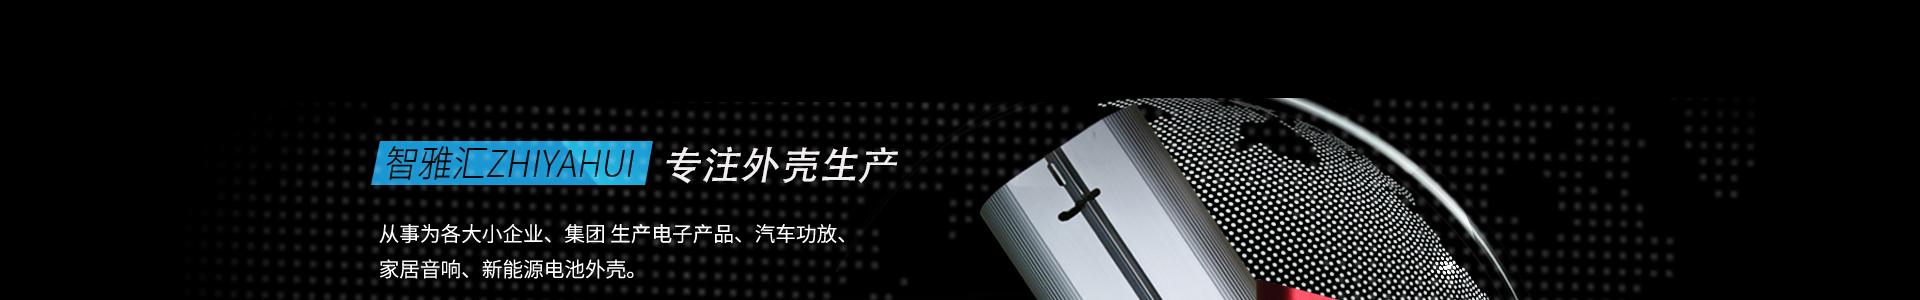 http://www.zhiyahui.cn/data/images/slide/20191031170924_111.jpg